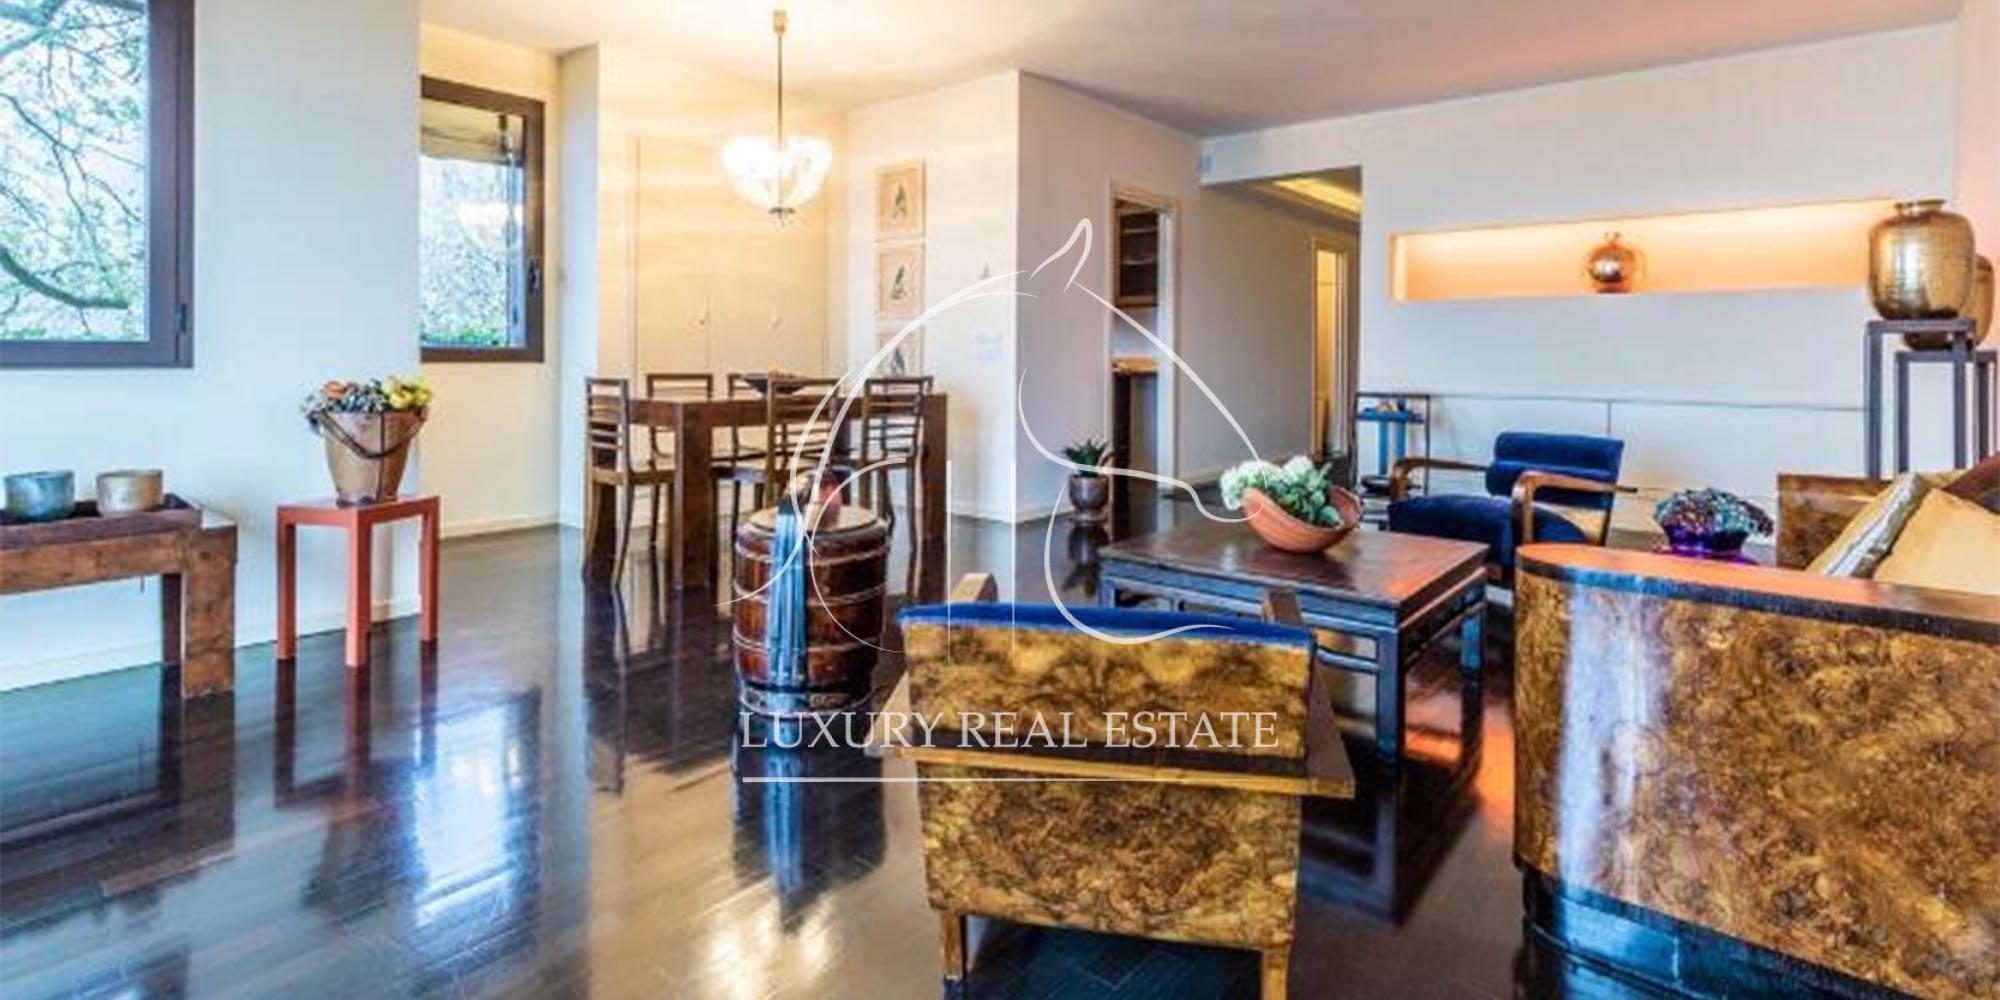 K.-Nr. 068 Luxuriöse Wohnung in San Marino Città (RSM)